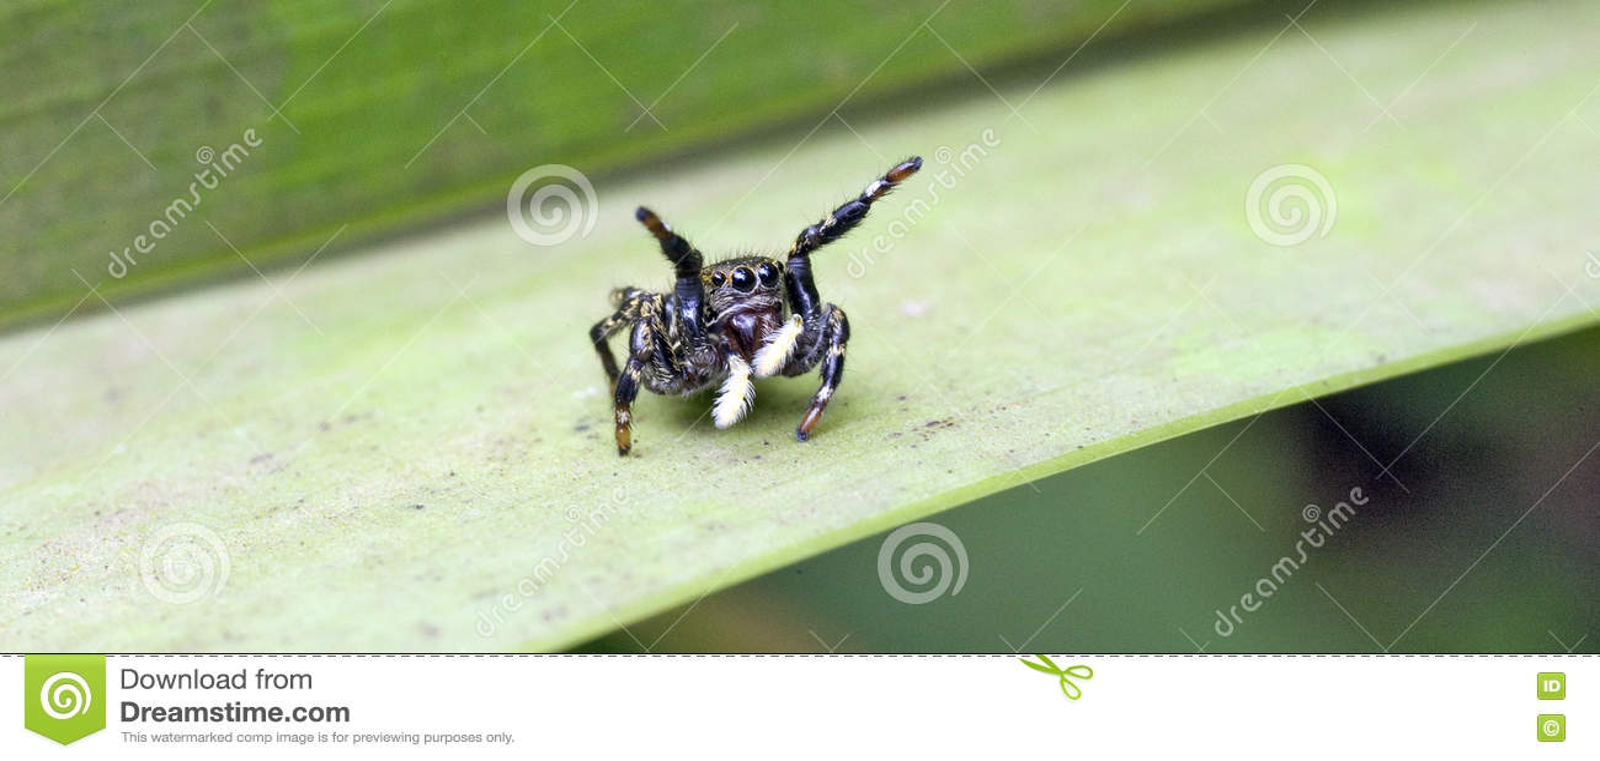 Il ragno che salta fra le foglie del pavimento della foresta